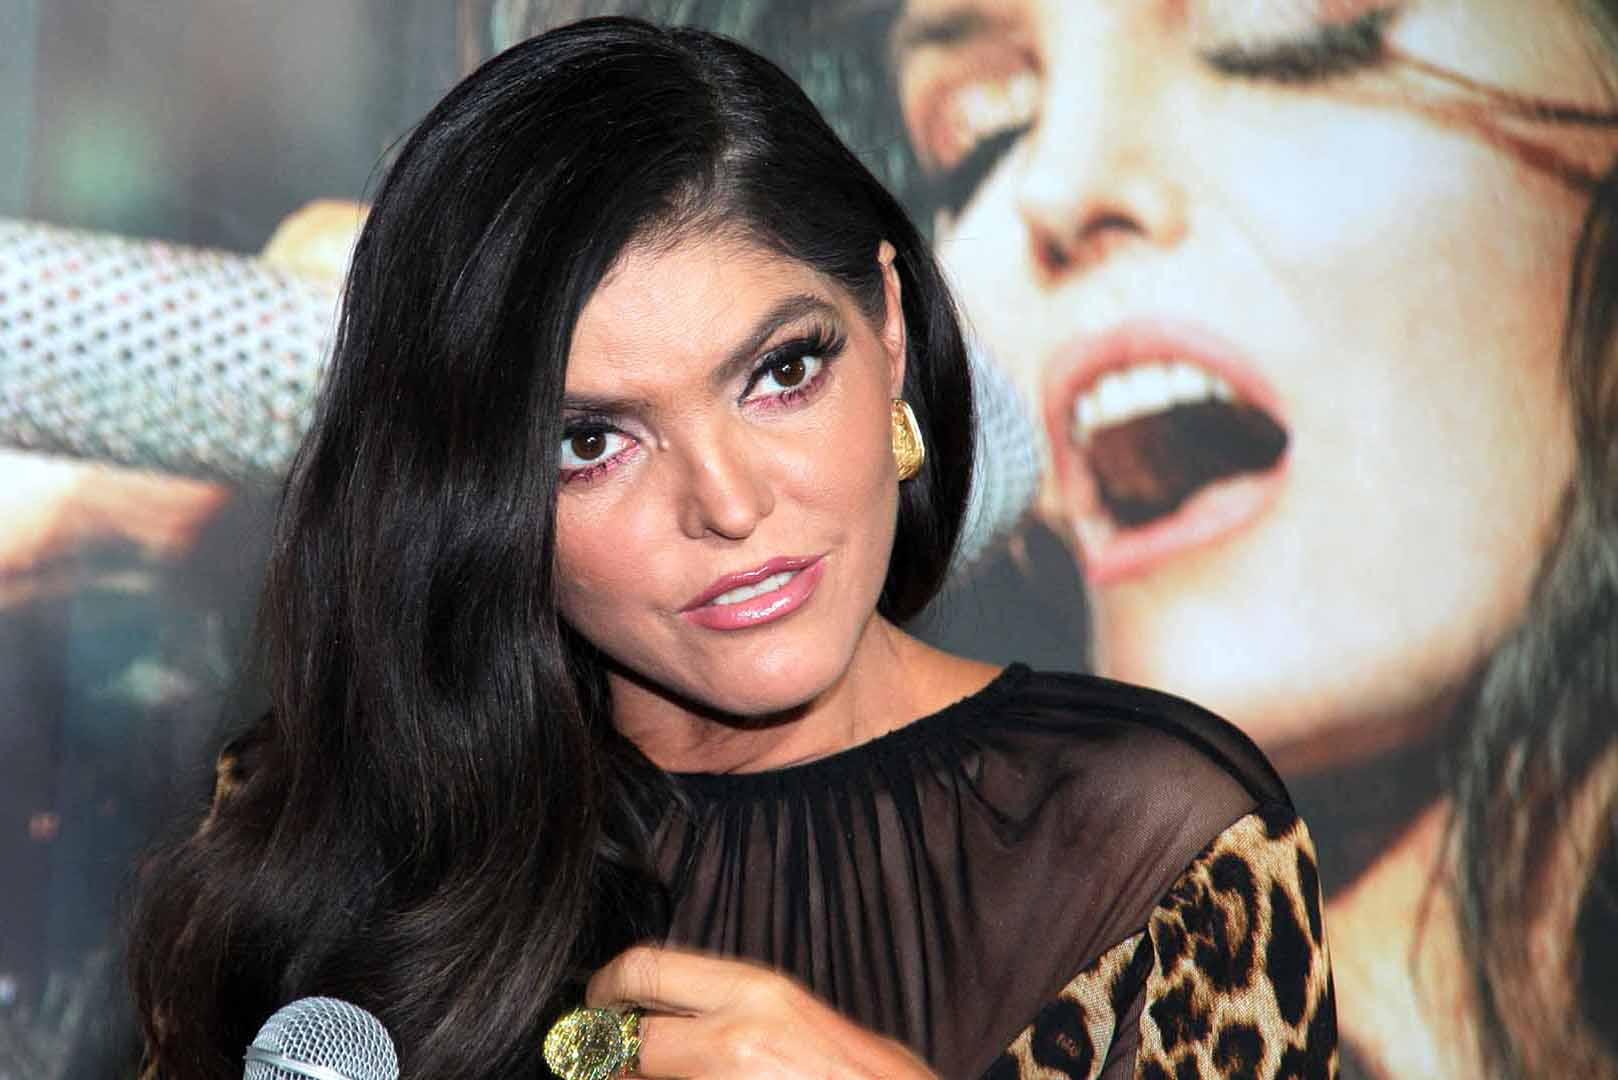 La cantante dijo que mínimo ha sido víctima de engaño de sus ex parejas en cinco ocasiones